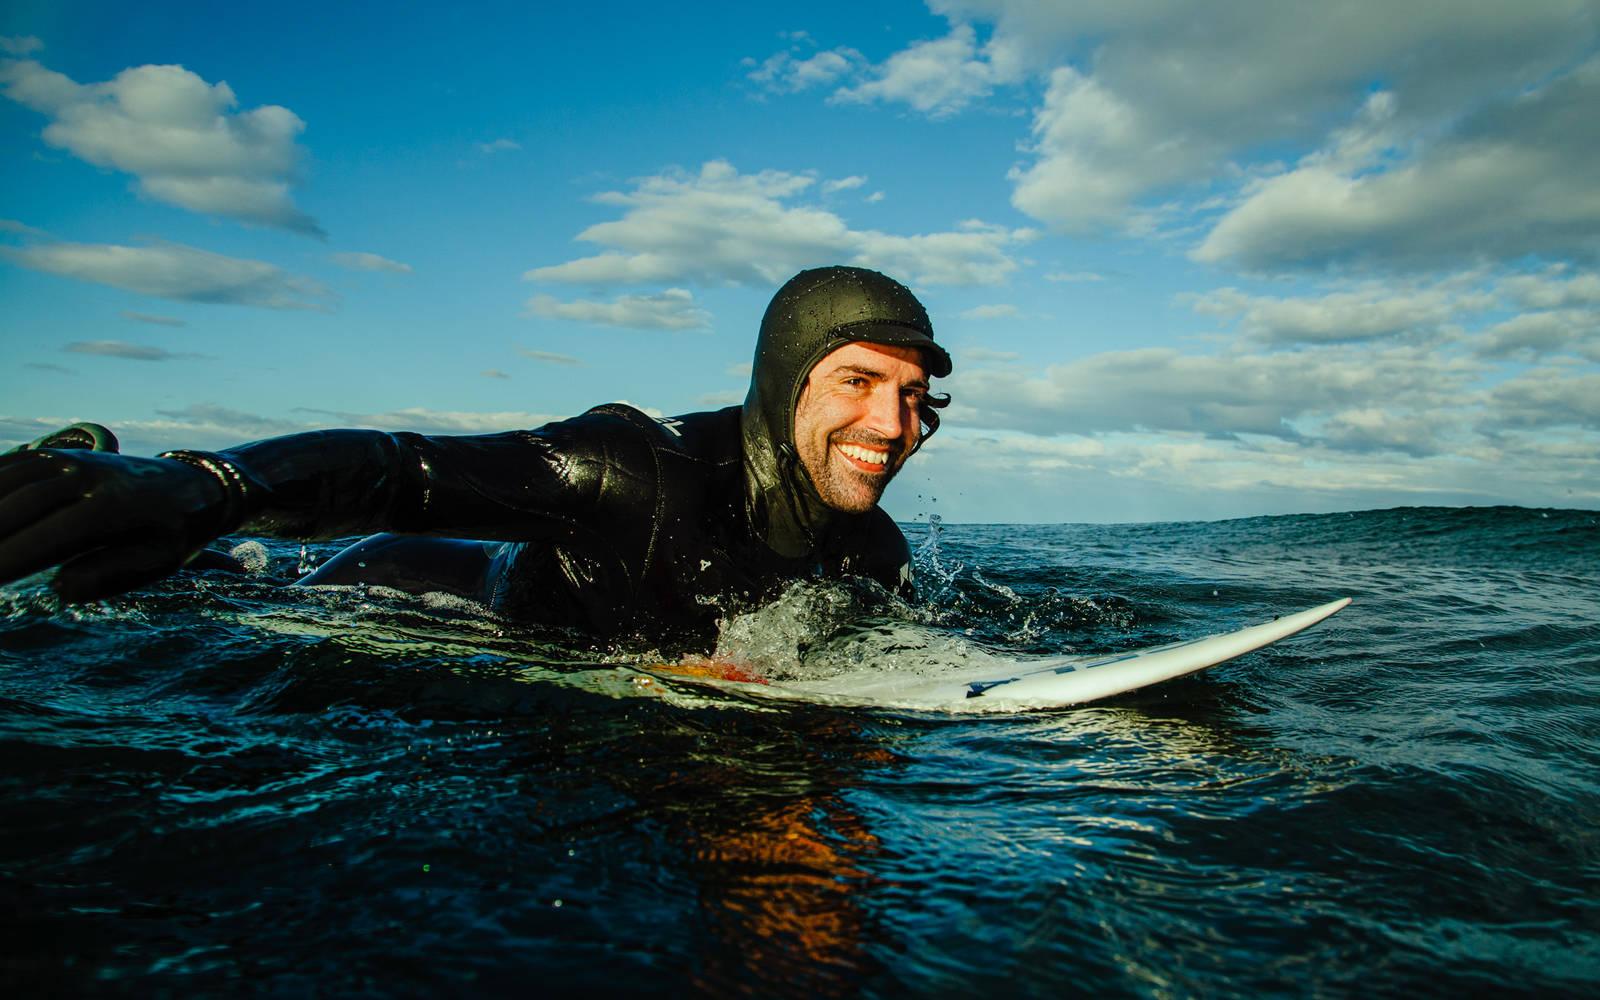 I perioder der surfekspert Seamus Fox ikke kommer seg i vannet, vil også han miste styrke og moment. Å trene padling på flatt vann er kanskje ikke så kult, men likefullt svært effektivt for din neste surftur. Bilde: Christian Nerdrum